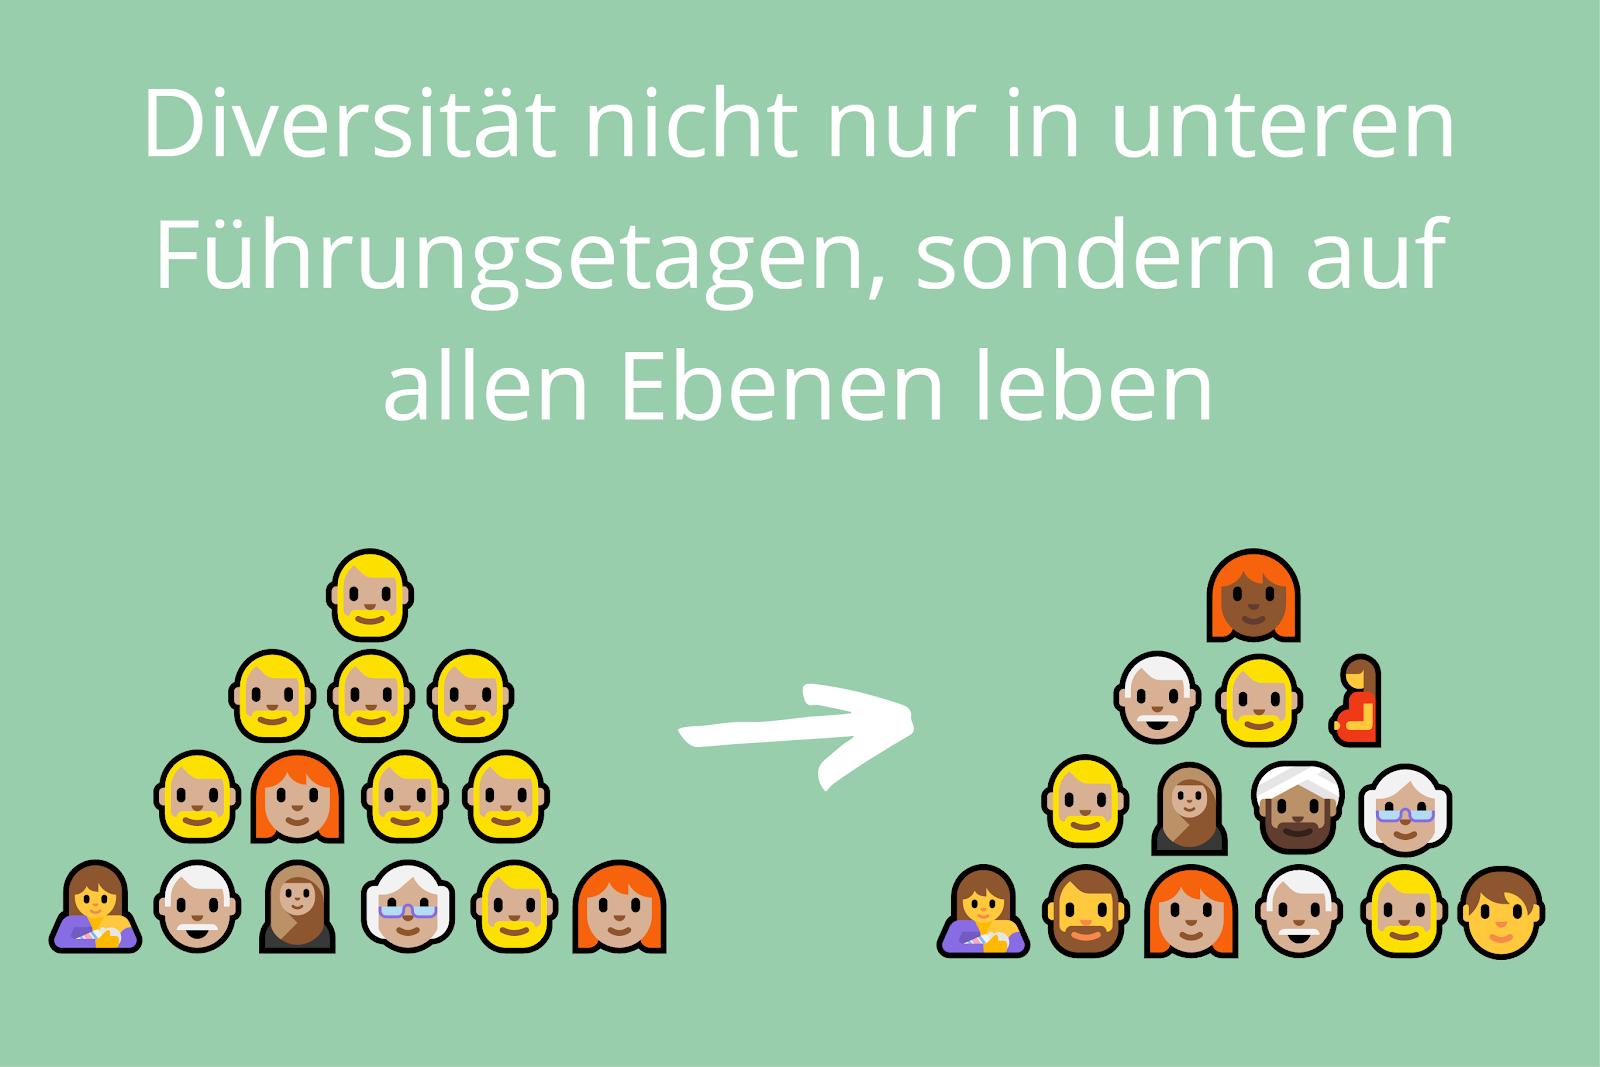 Bildliche Darstellung von Diversität in jeglichen Unternehmensebenen.